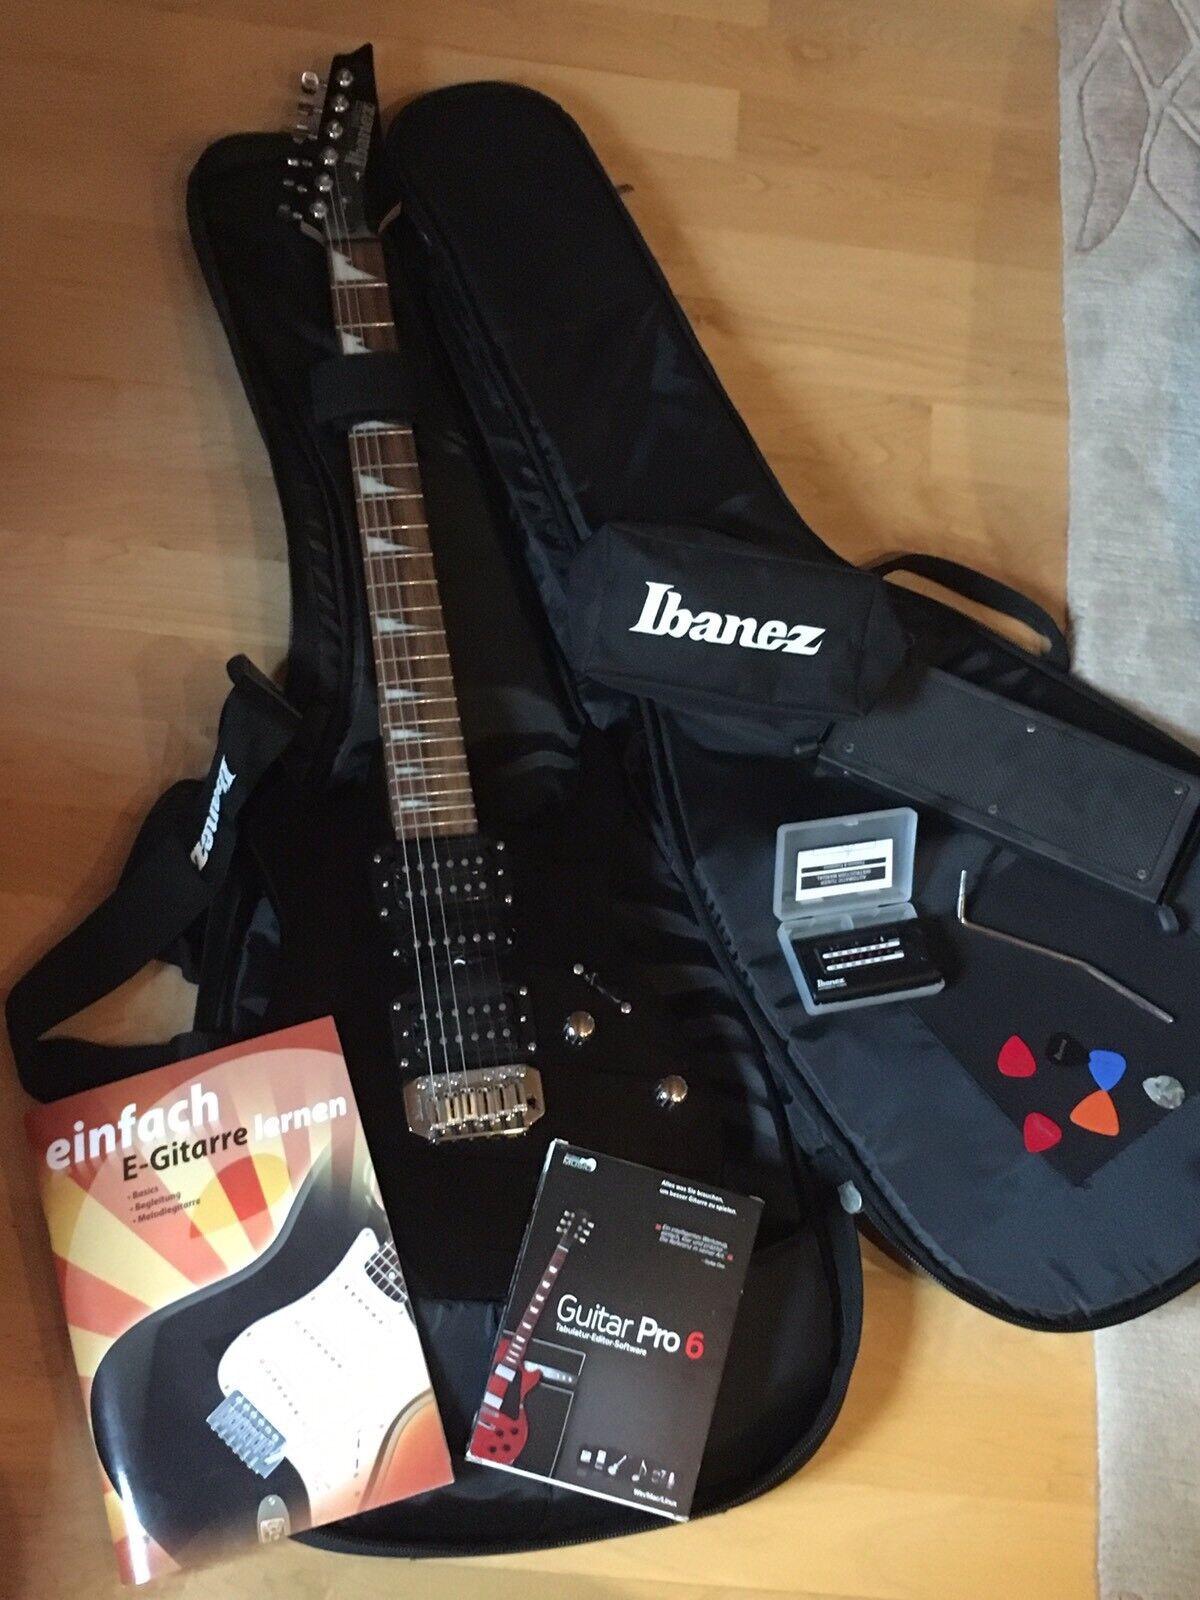 E Gitarre Ibanez Stimmgerät Fußpedal Notenheft Und Vieles Mehr